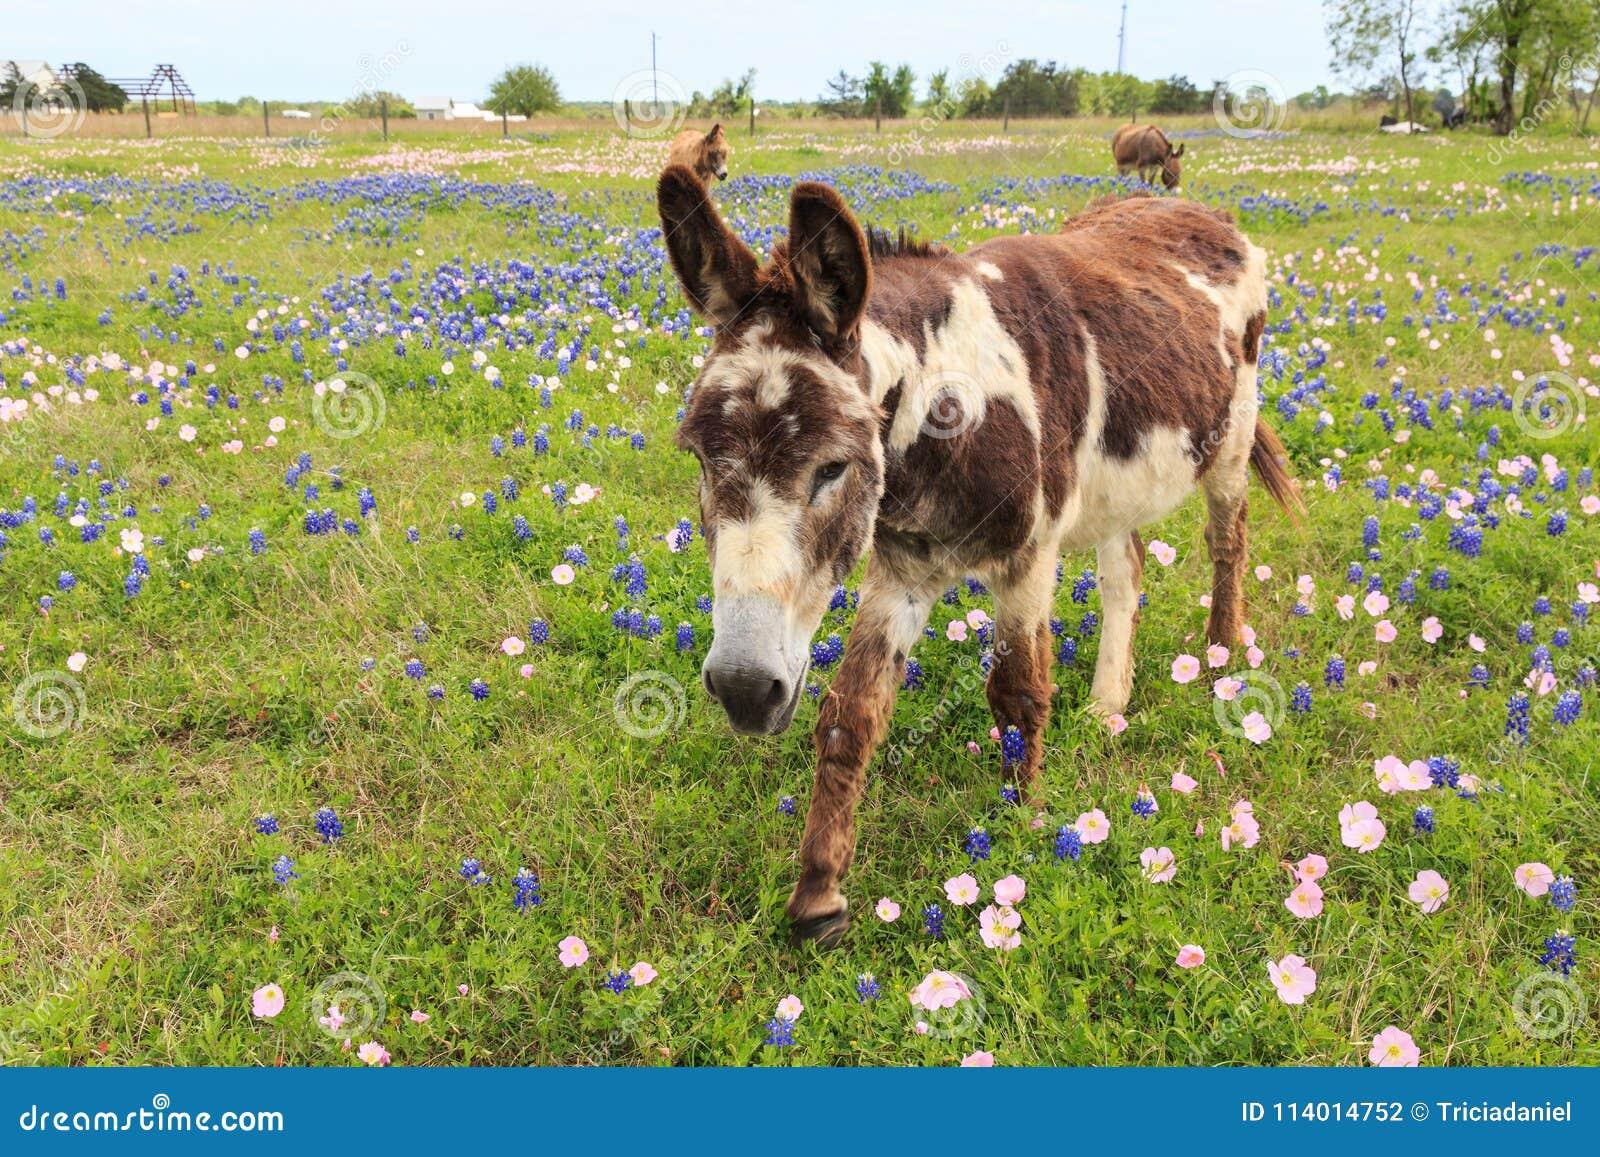 Donkey In Spring Flower Field Stock Photo Image Of Bluebonnet